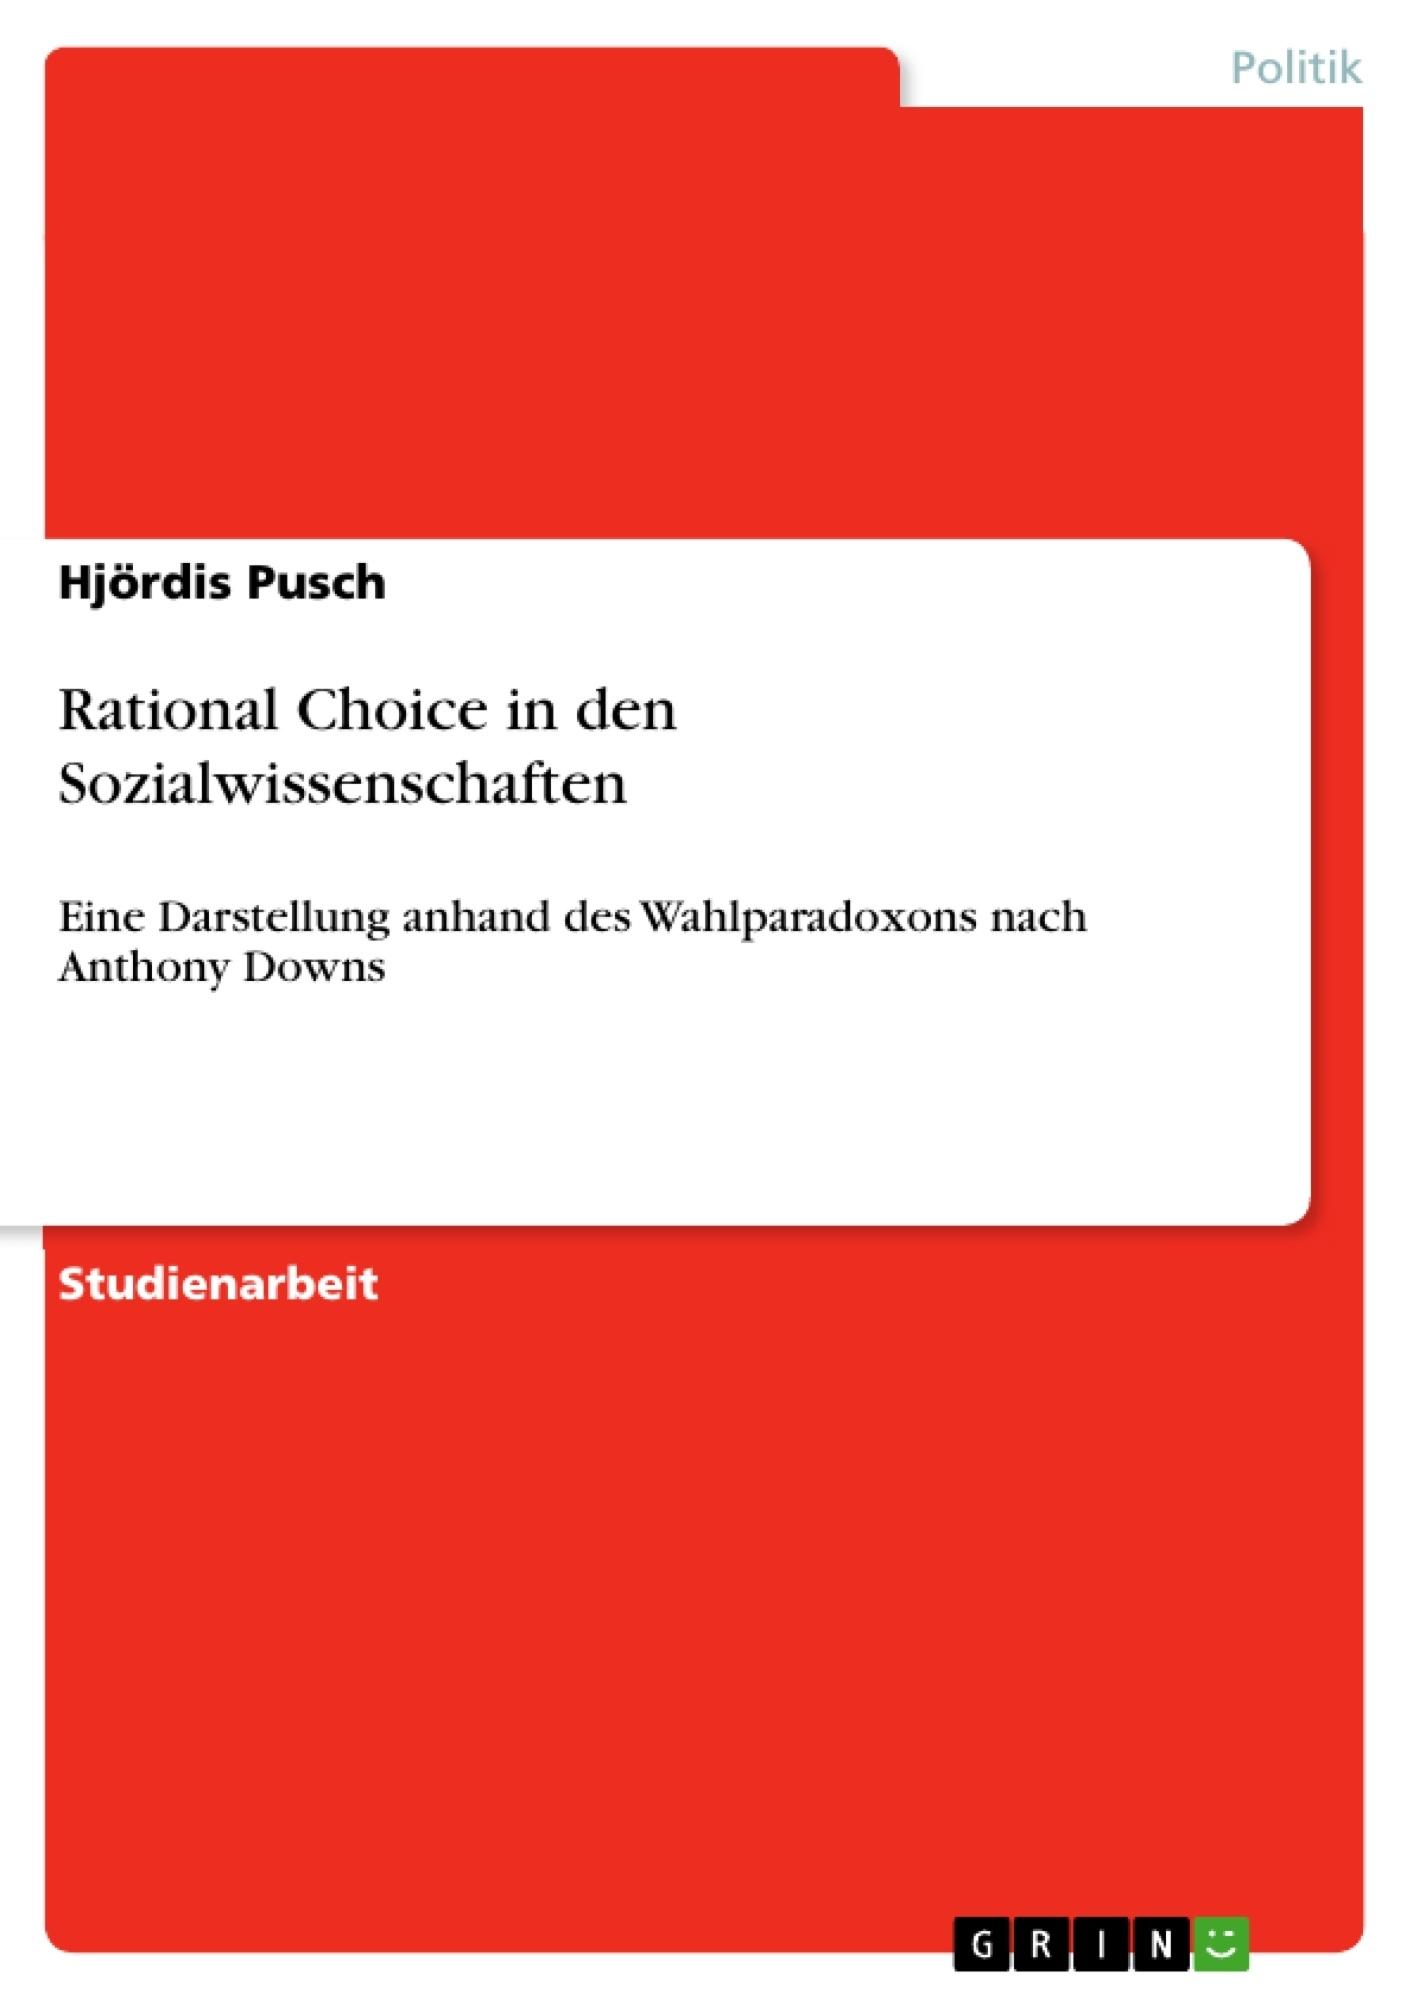 Titel: Rational Choice in den Sozialwissenschaften